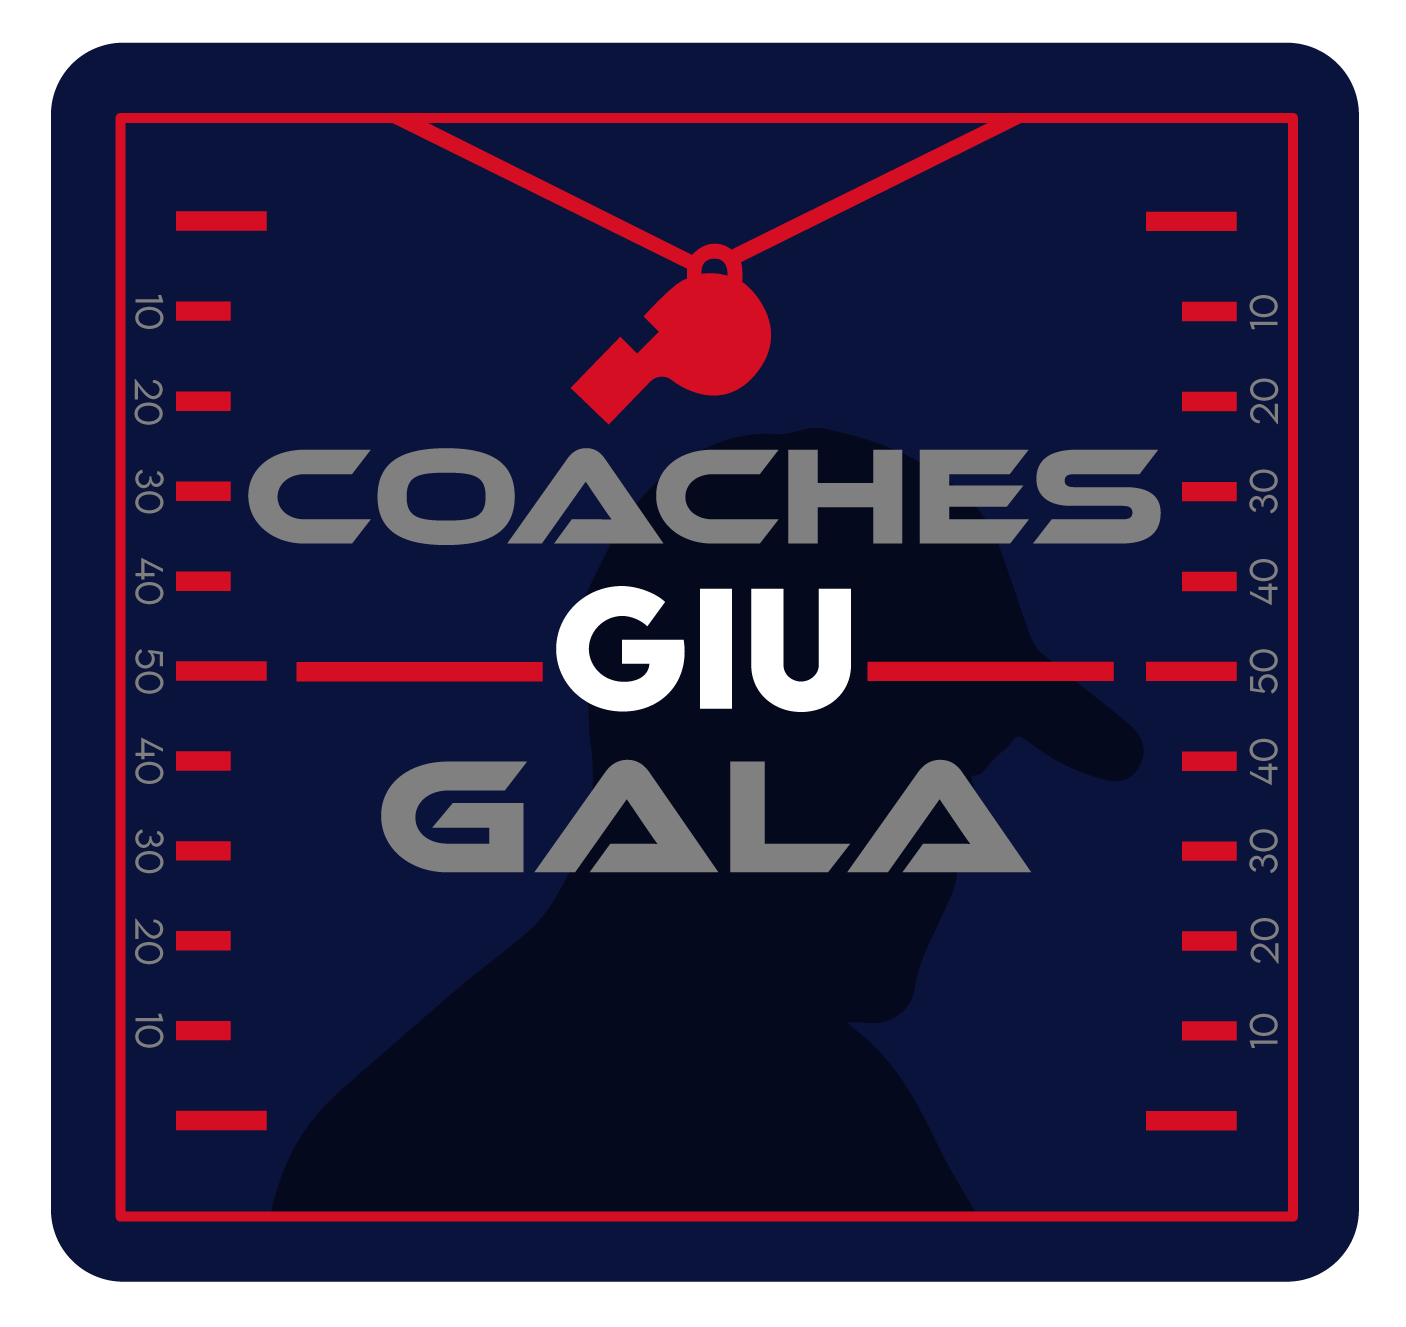 GIU-Coaches-Gala